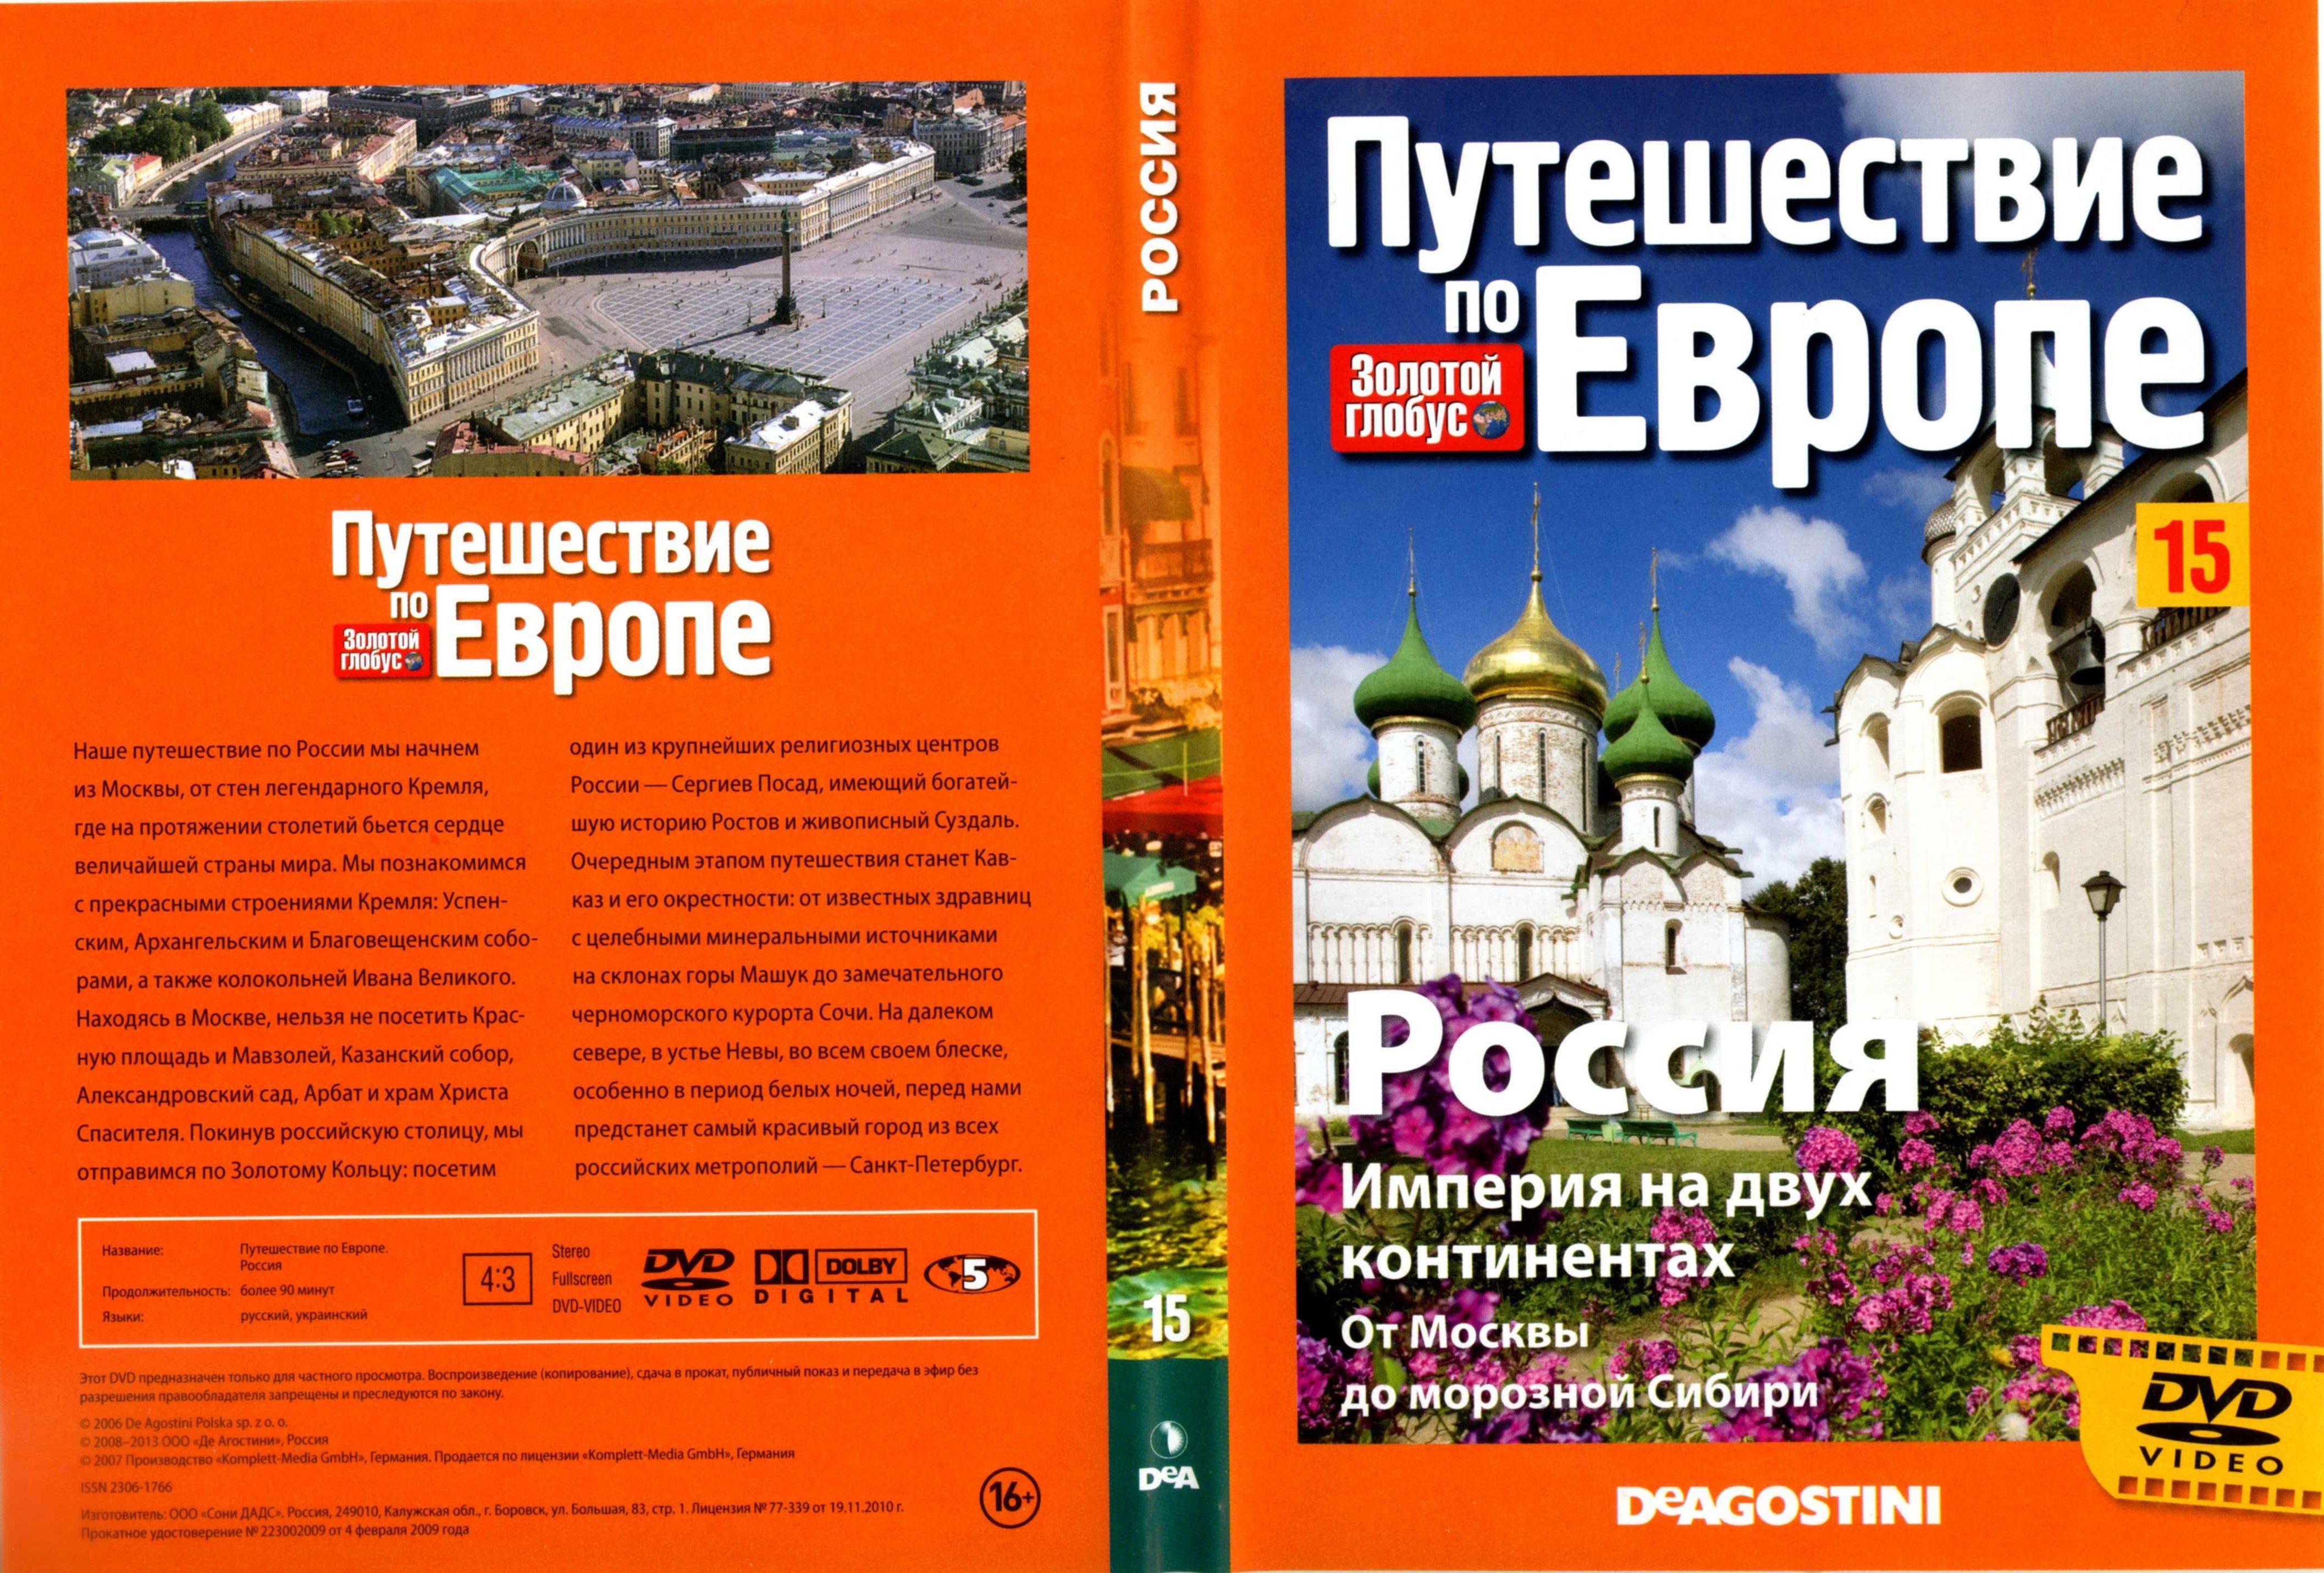 http://i3.imageban.ru/out/2013/05/08/60bf8595eb15e158db354711aacfb955.jpg